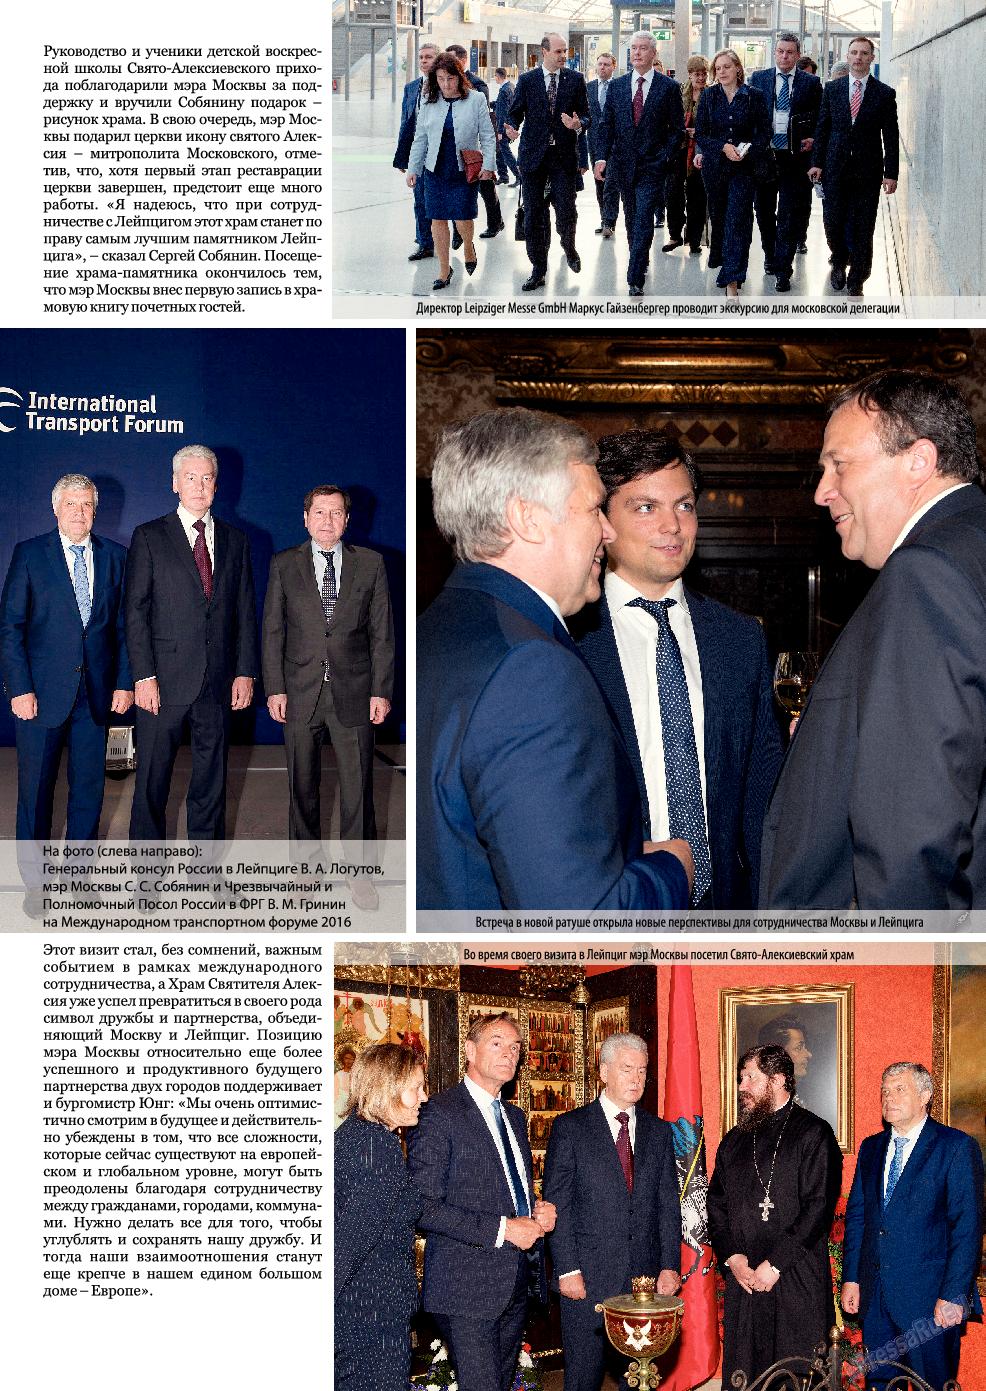 Берлинский телеграф (журнал). 2016 год, номер 13, стр. 5